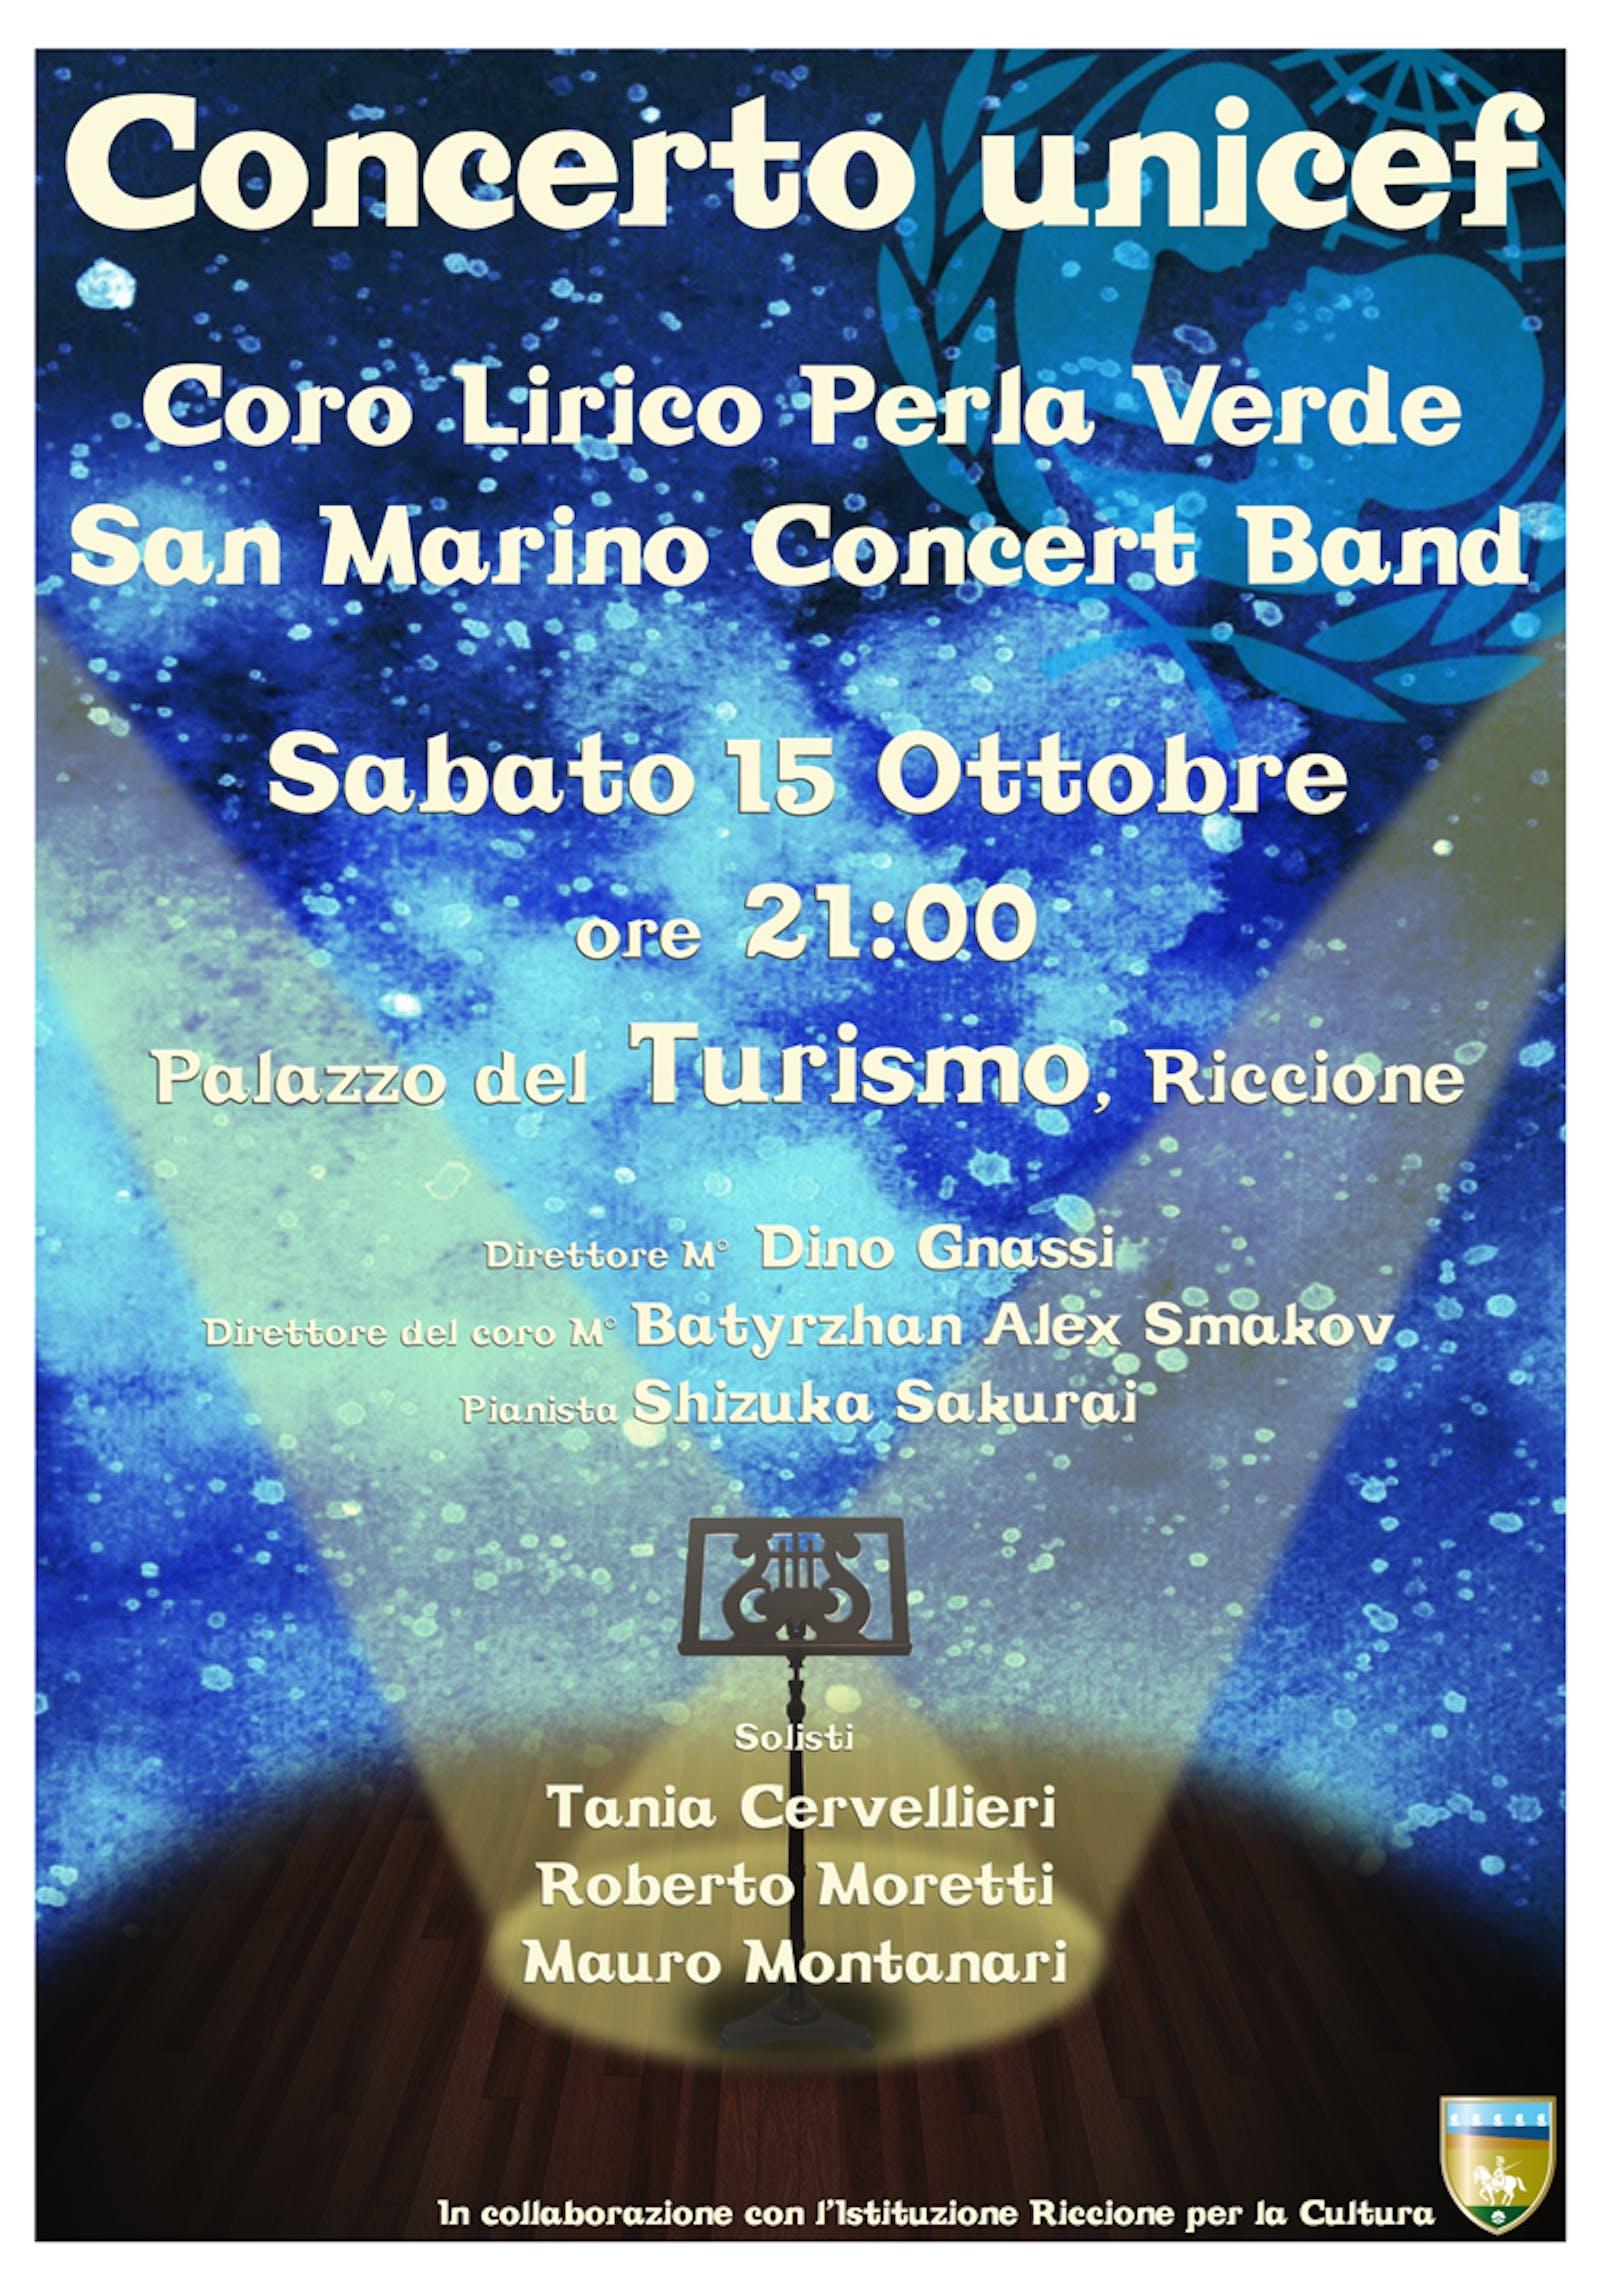 Concerto del 15 ottobre a Riccione